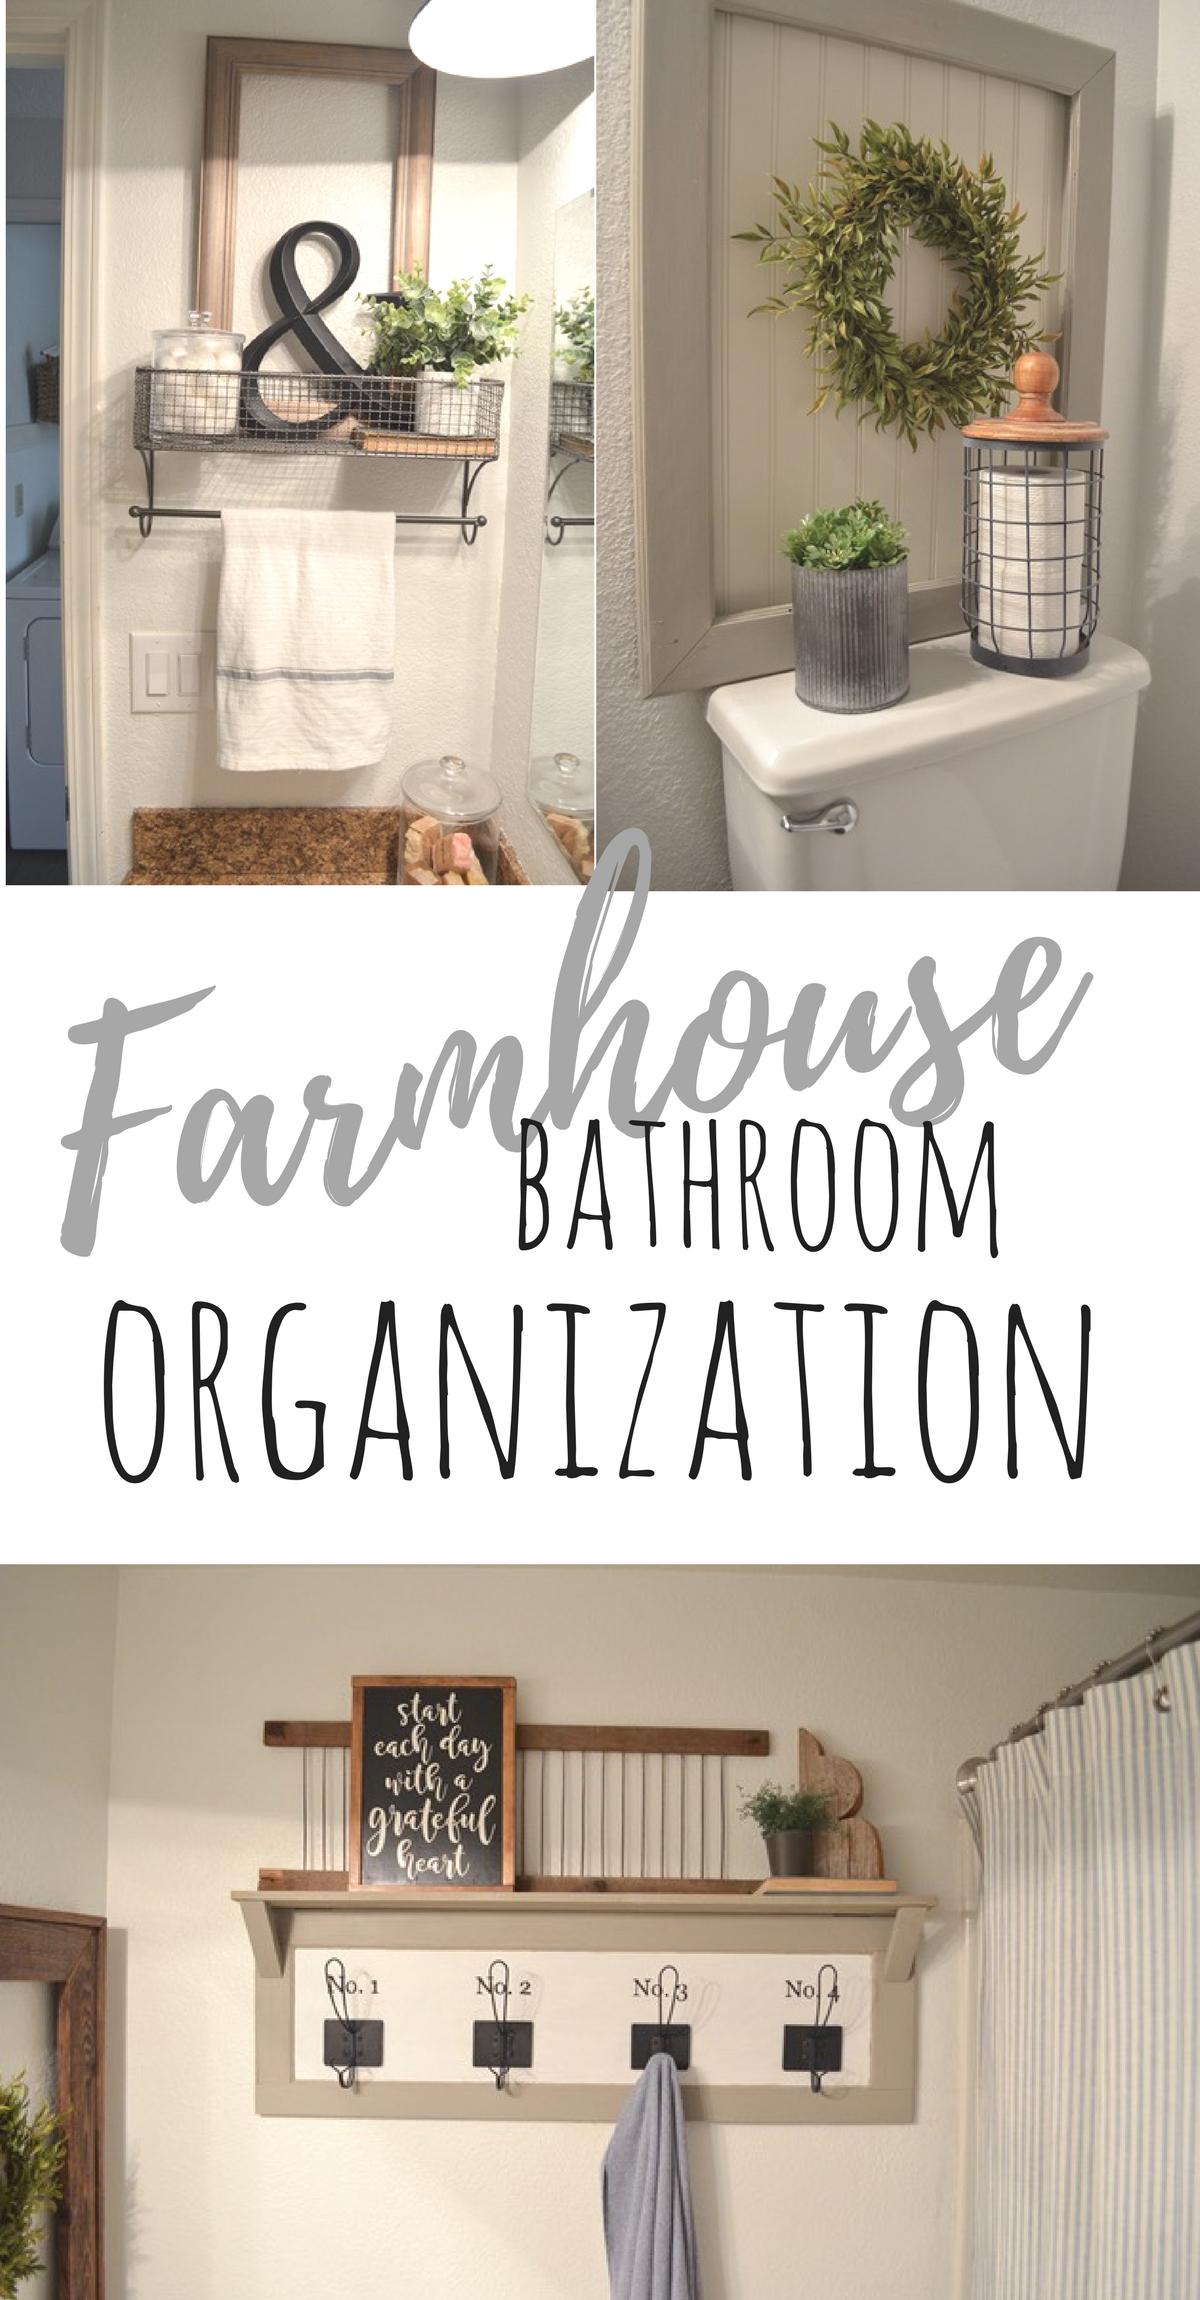 Farmhouse Bathroom Organization | Pinterest | Bathroom organization ...